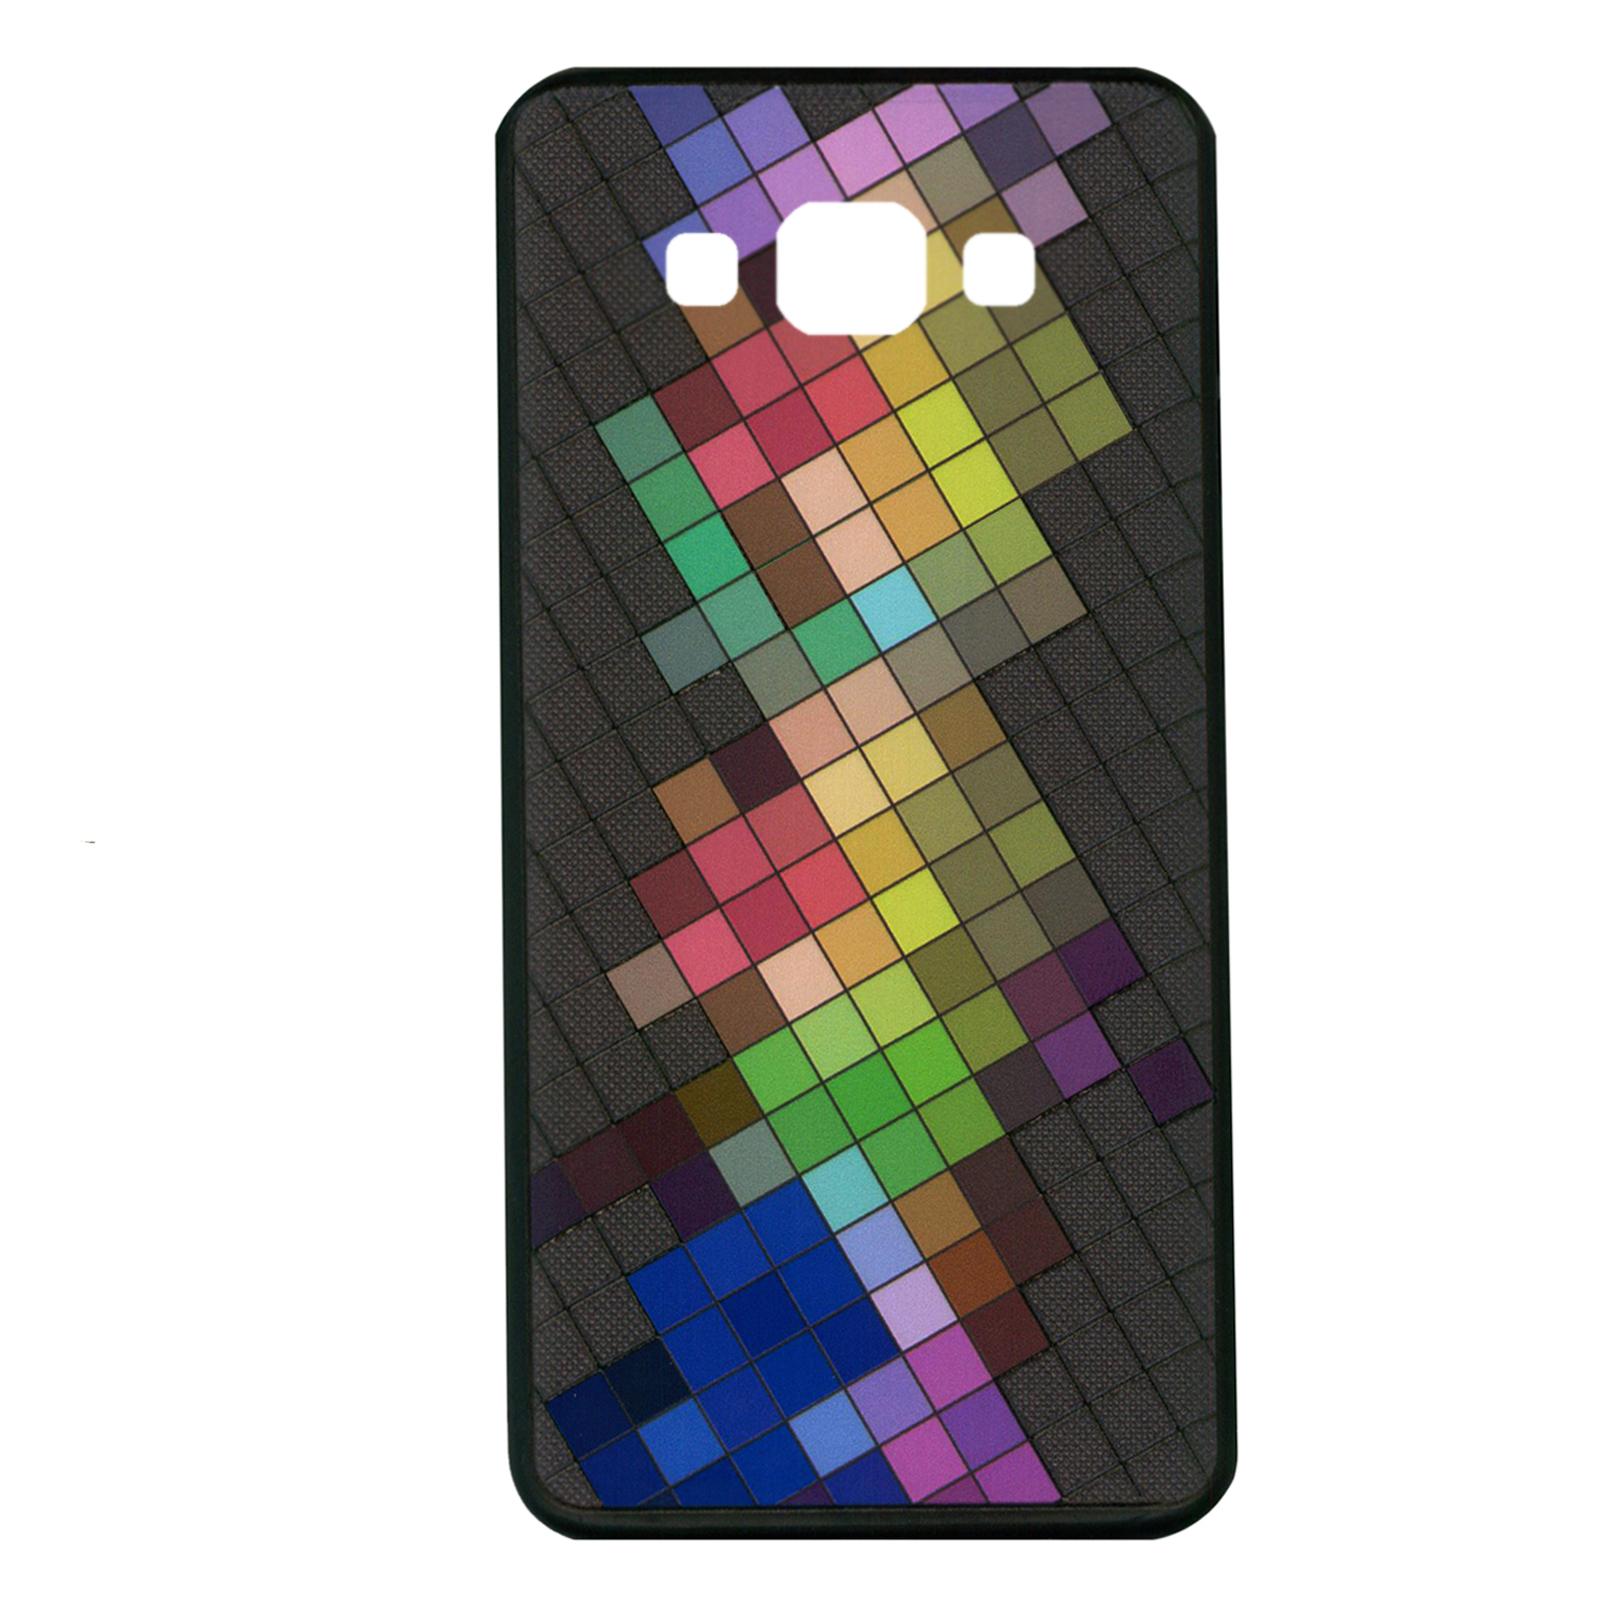 کاور کد 701 مناسب برای گوشی موبایل سامسوگ Galaxy S3